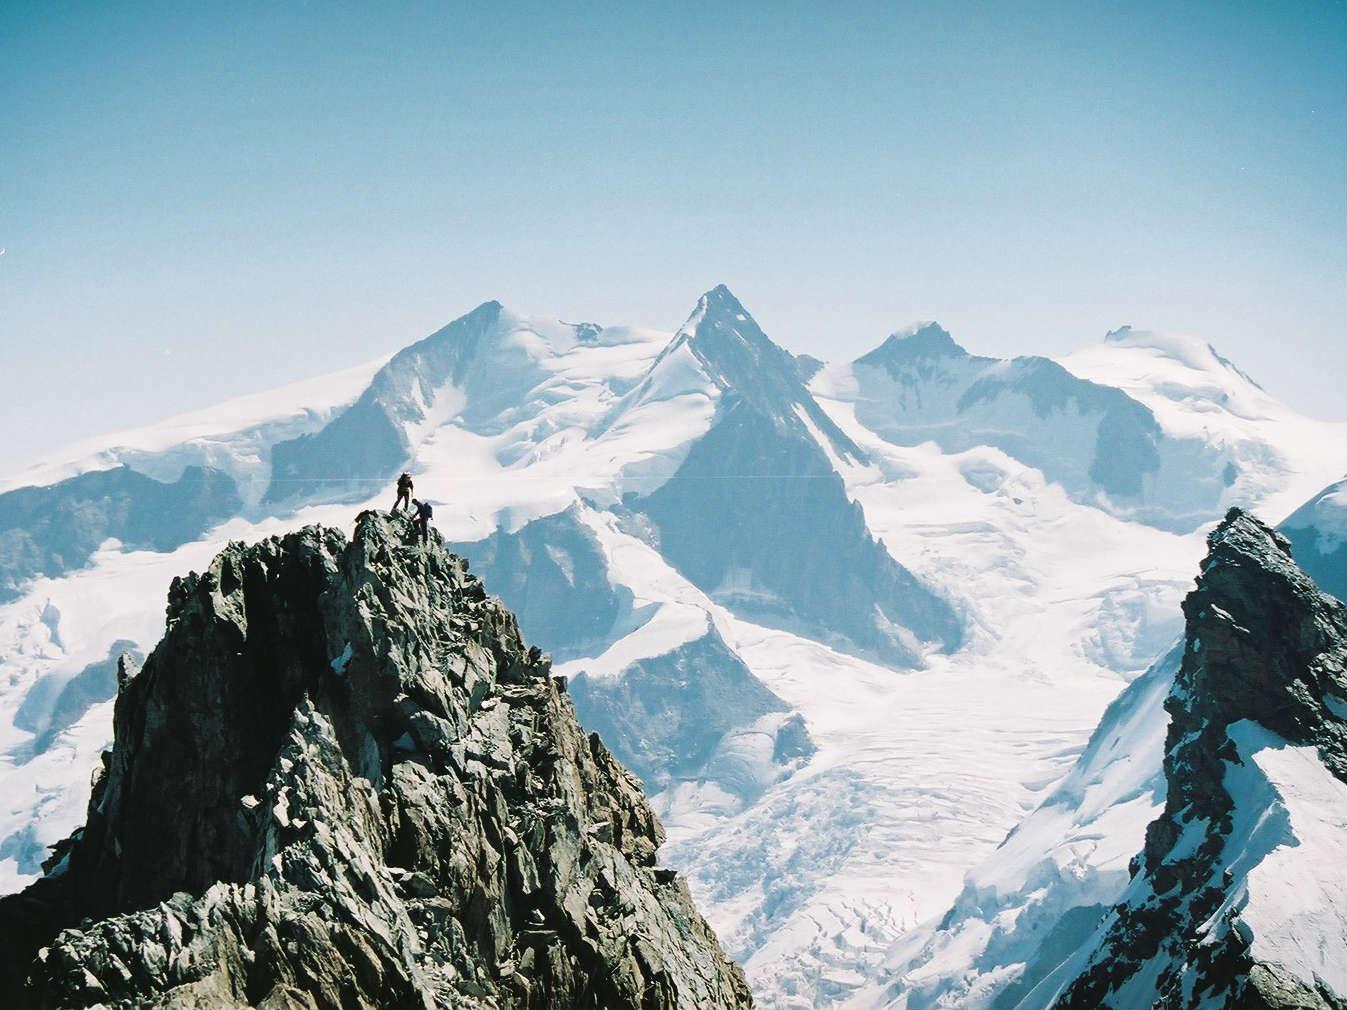 モンテローザ(ヘリ利用)登頂 8日間・9日間